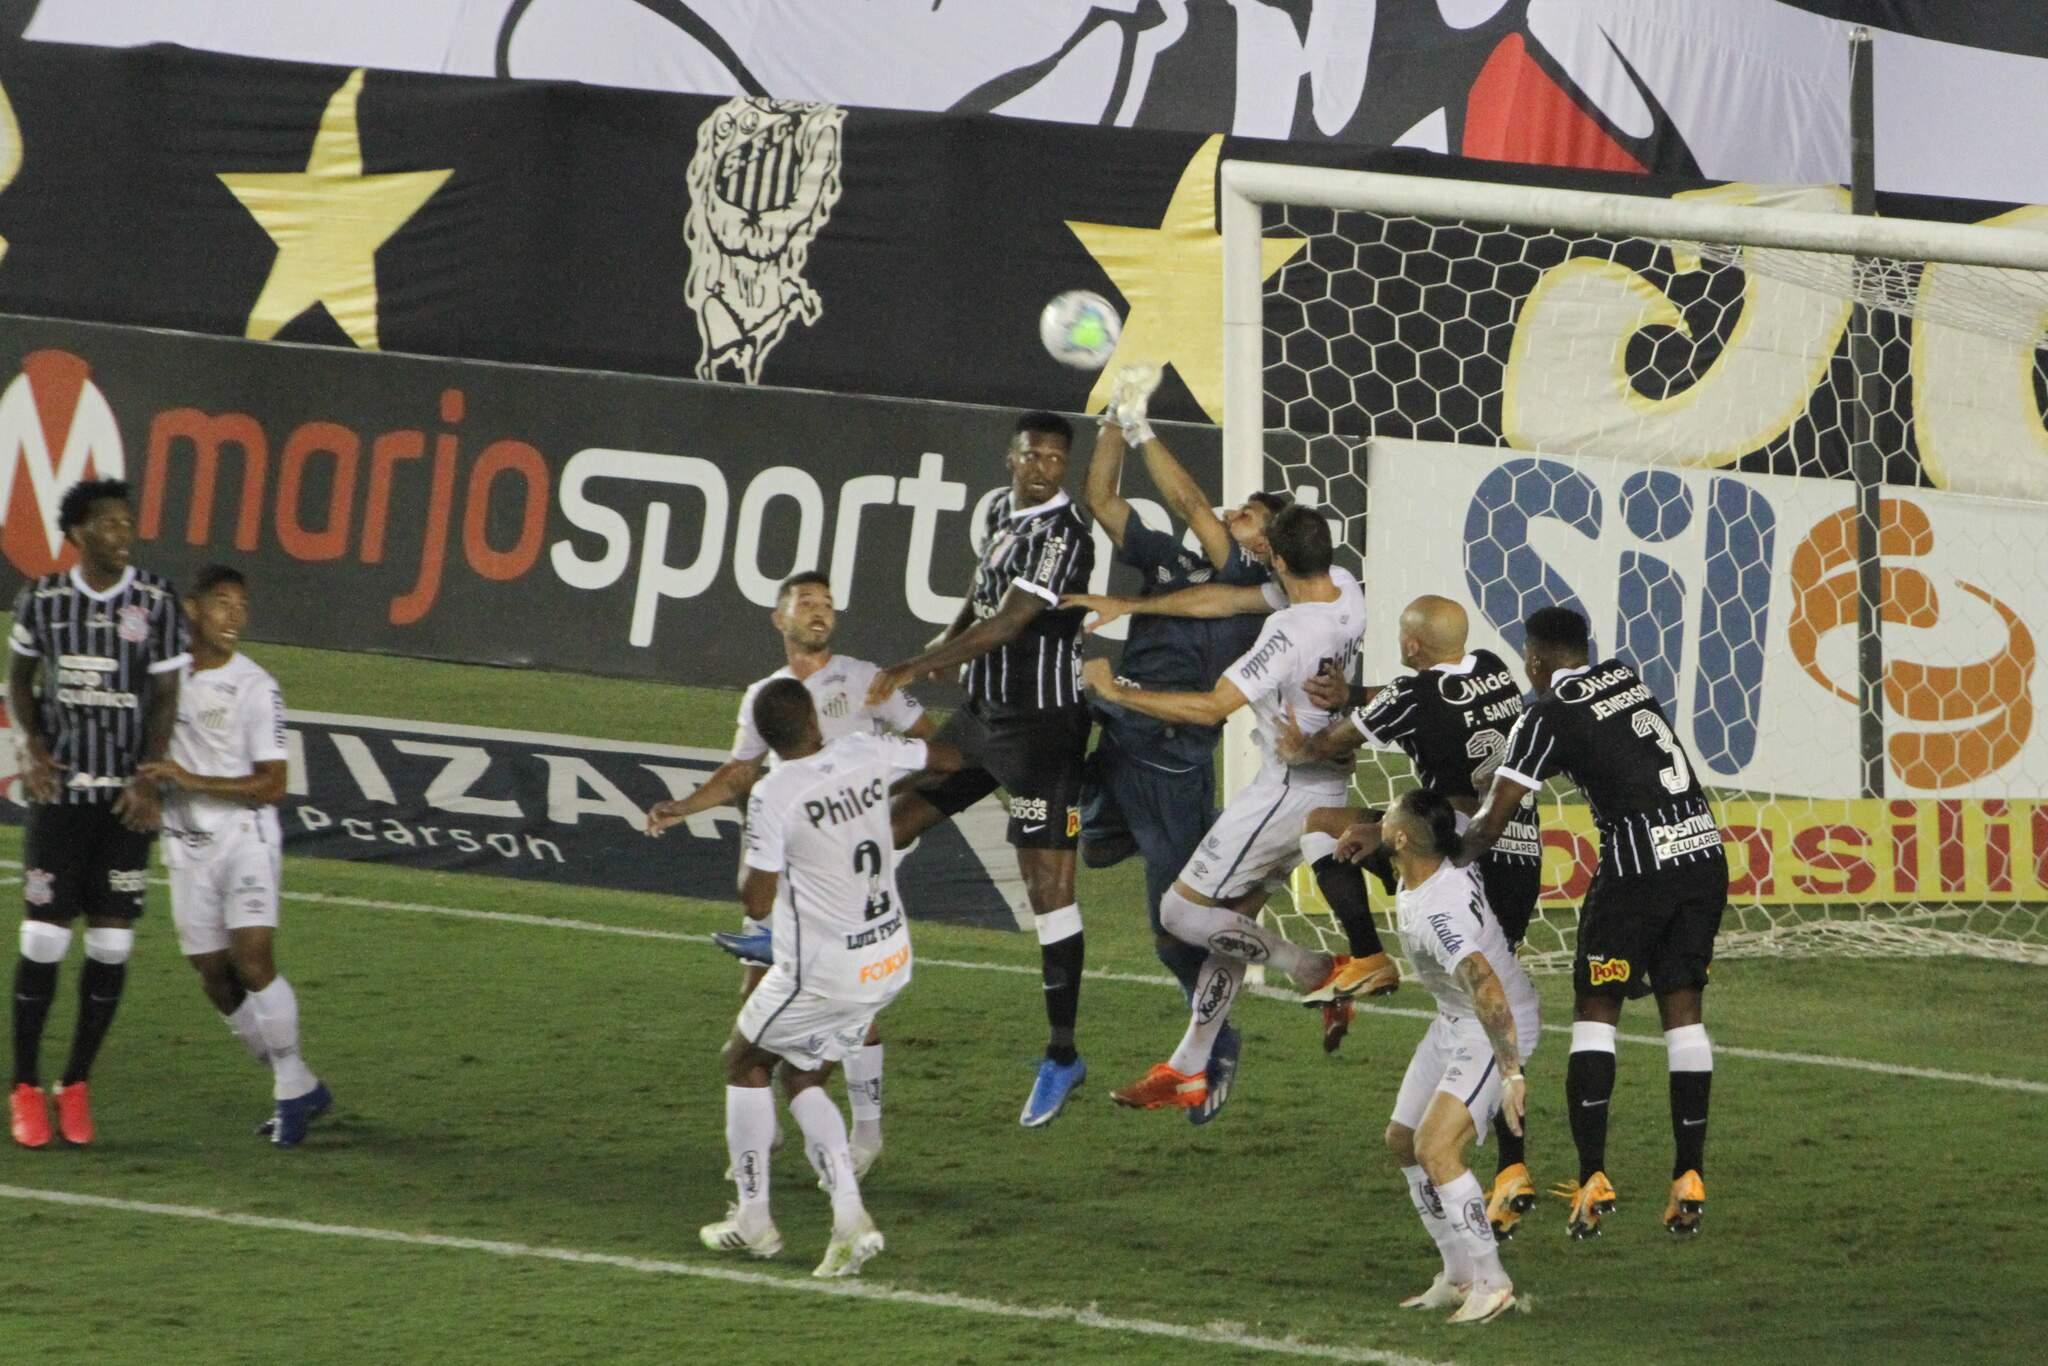 João Paulo goleiro do Santos durante partida contra o Corinthians no estádio Vila Belmiro pelo campeonato Brasileiro A 2020. (Foto: Estadão Conteúdo)